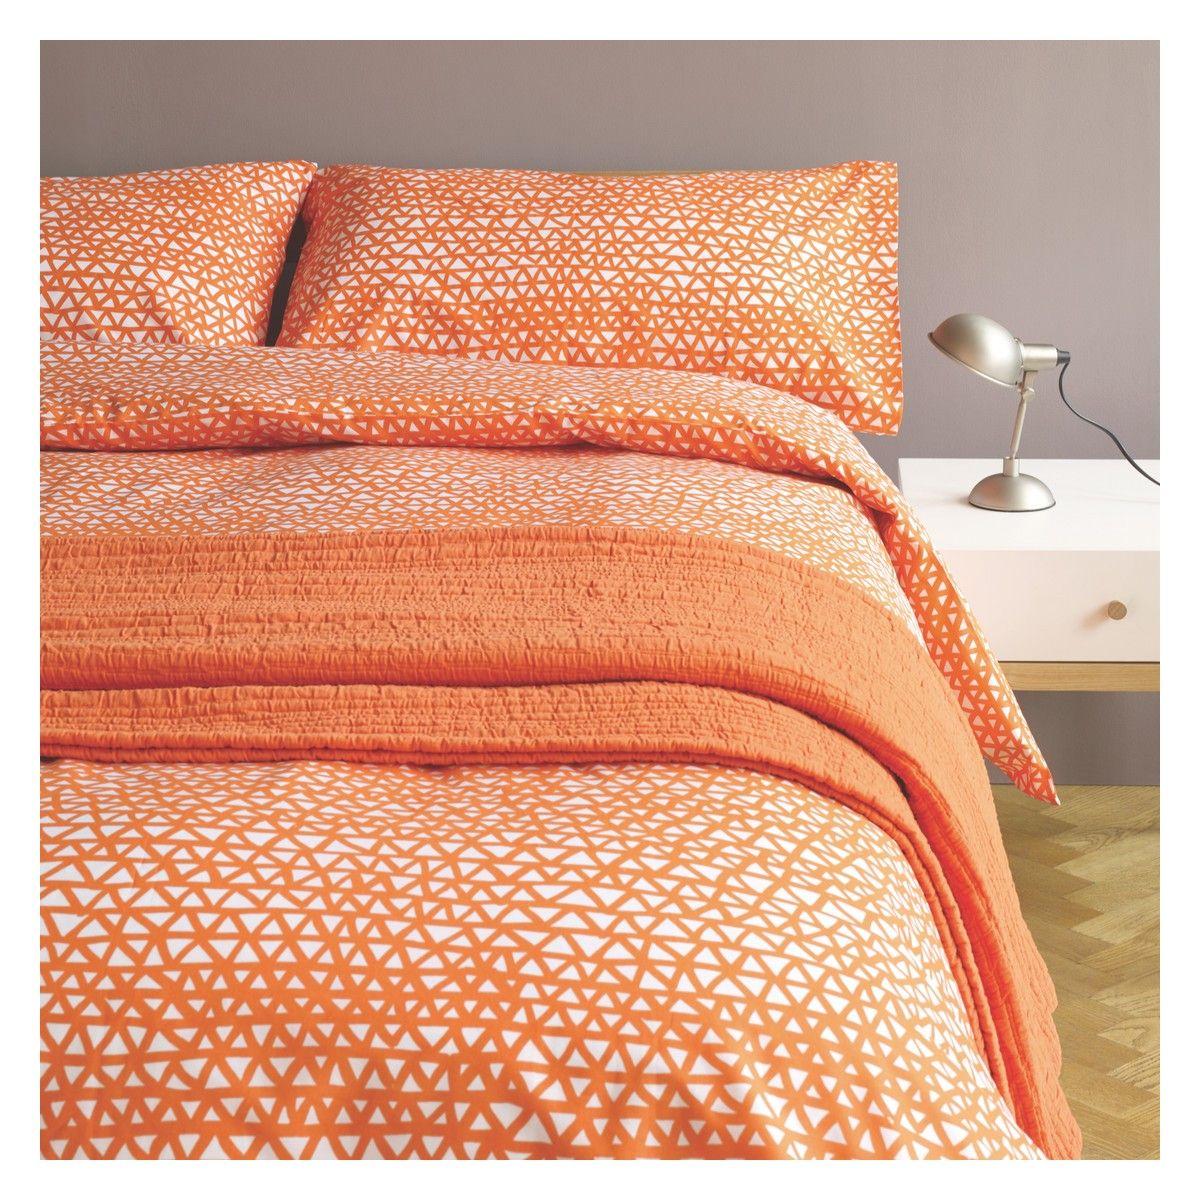 Image Result For Orange Black Green Yellow Duvet Cover